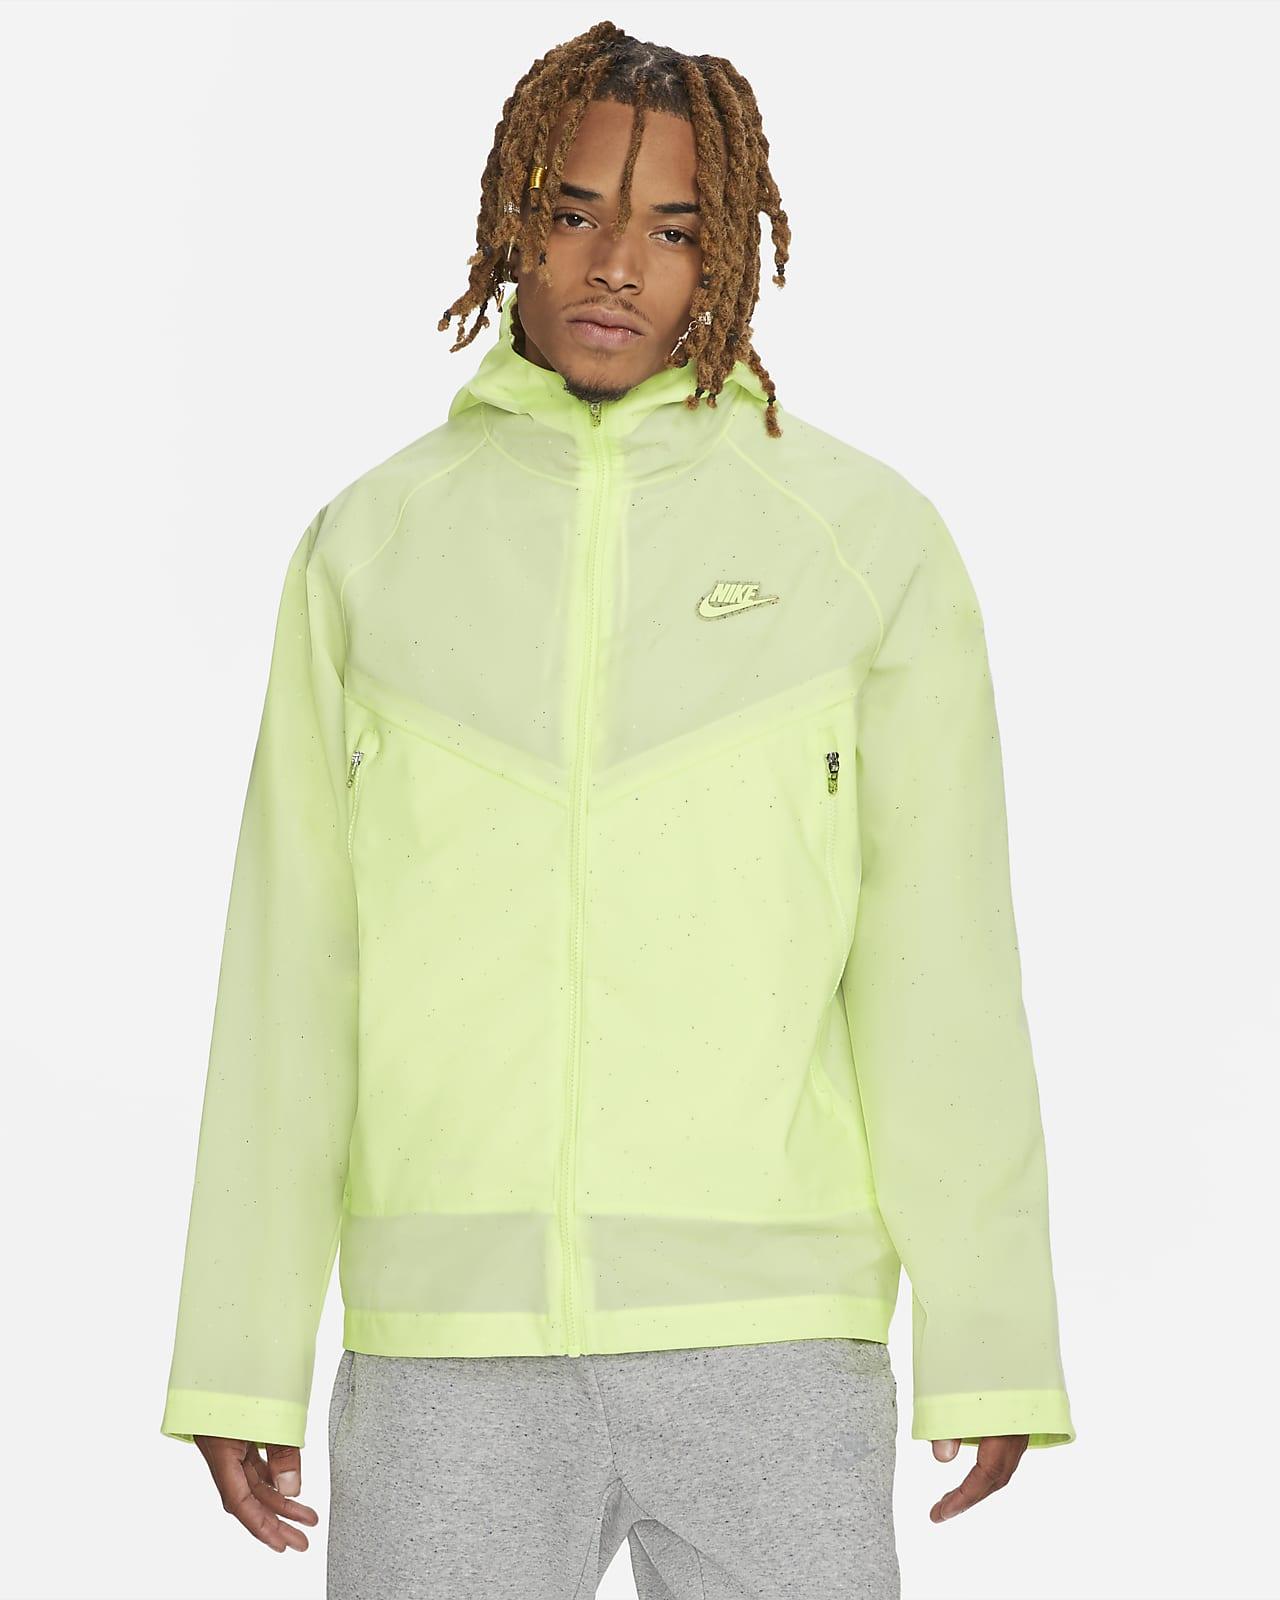 Nike Sportswear Windrunner Chaqueta con capucha - Hombre